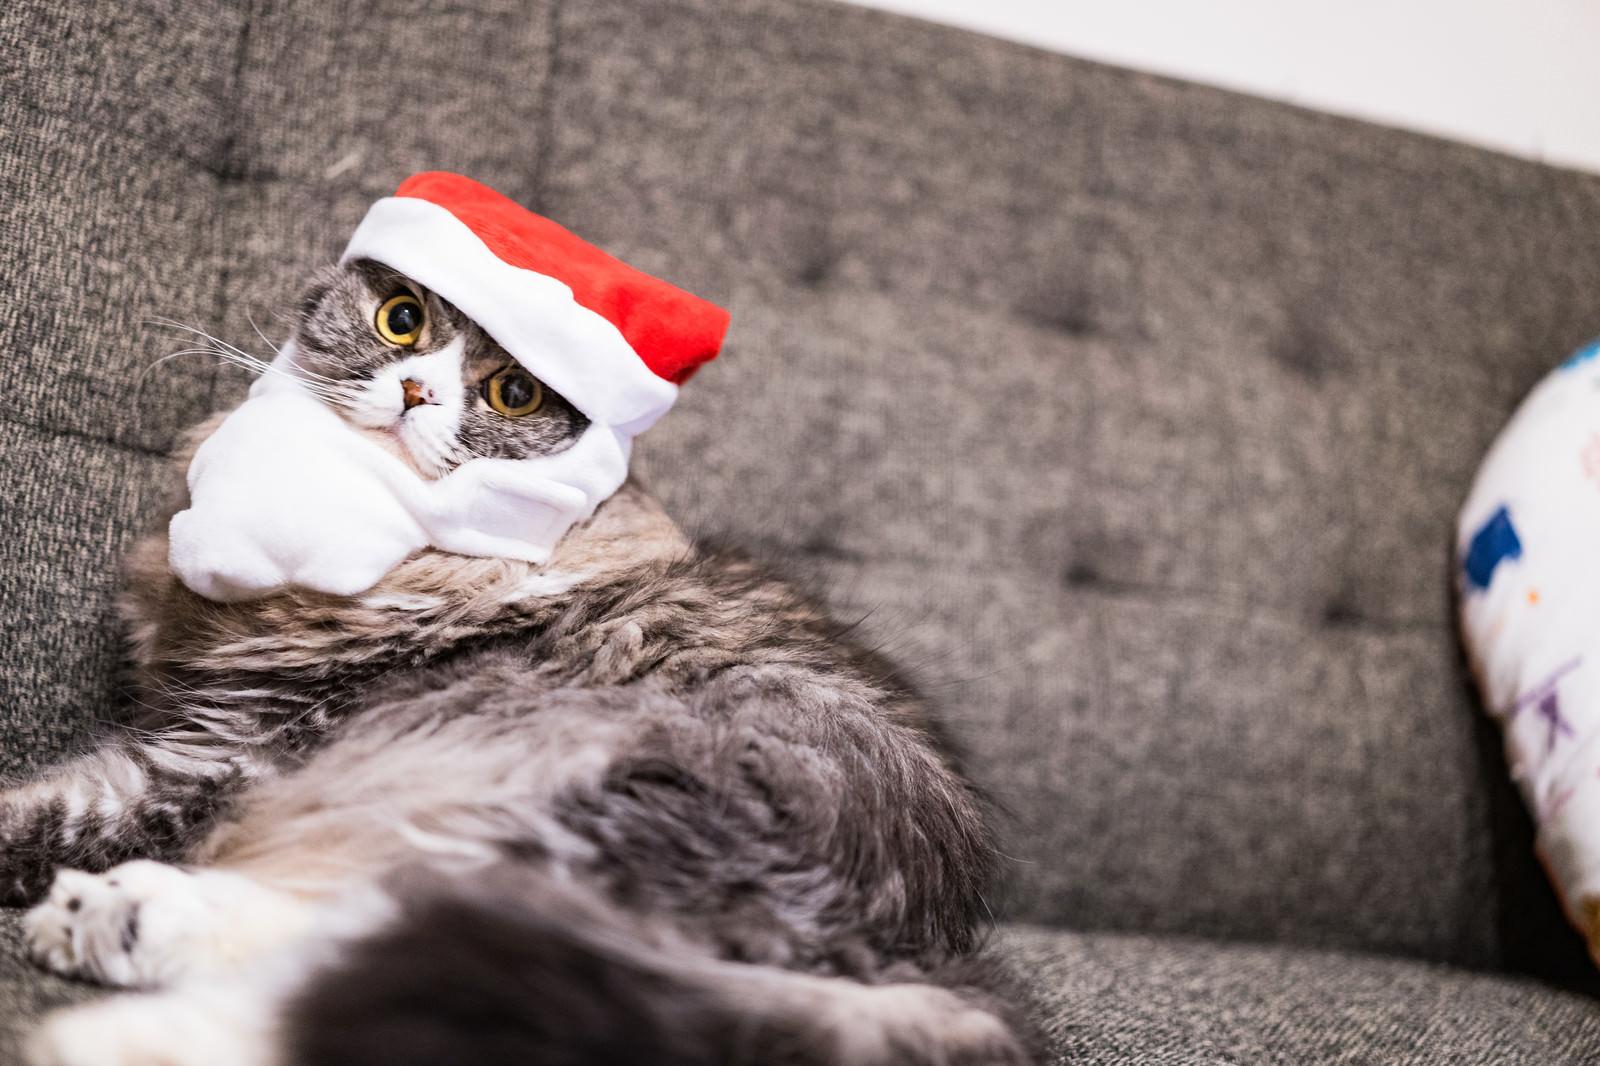 「クリスマス雰囲気を楽しむ猫(スコティッシュフォールド)」の写真